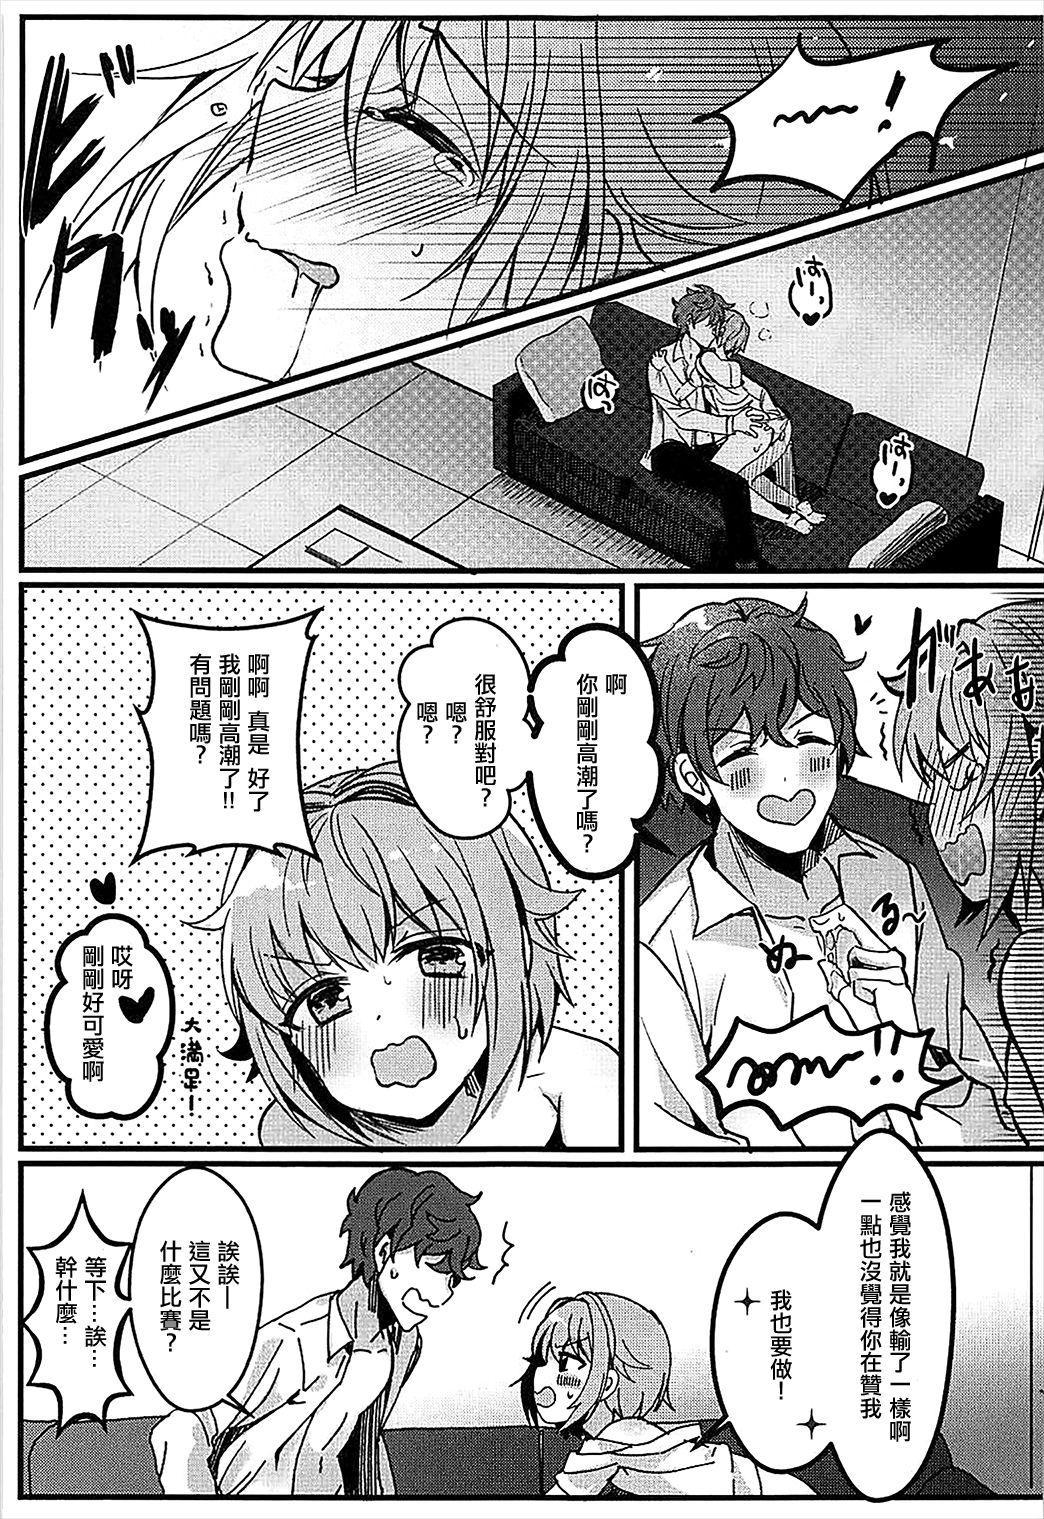 Kawaii Sugiru no ga Warui!! 11